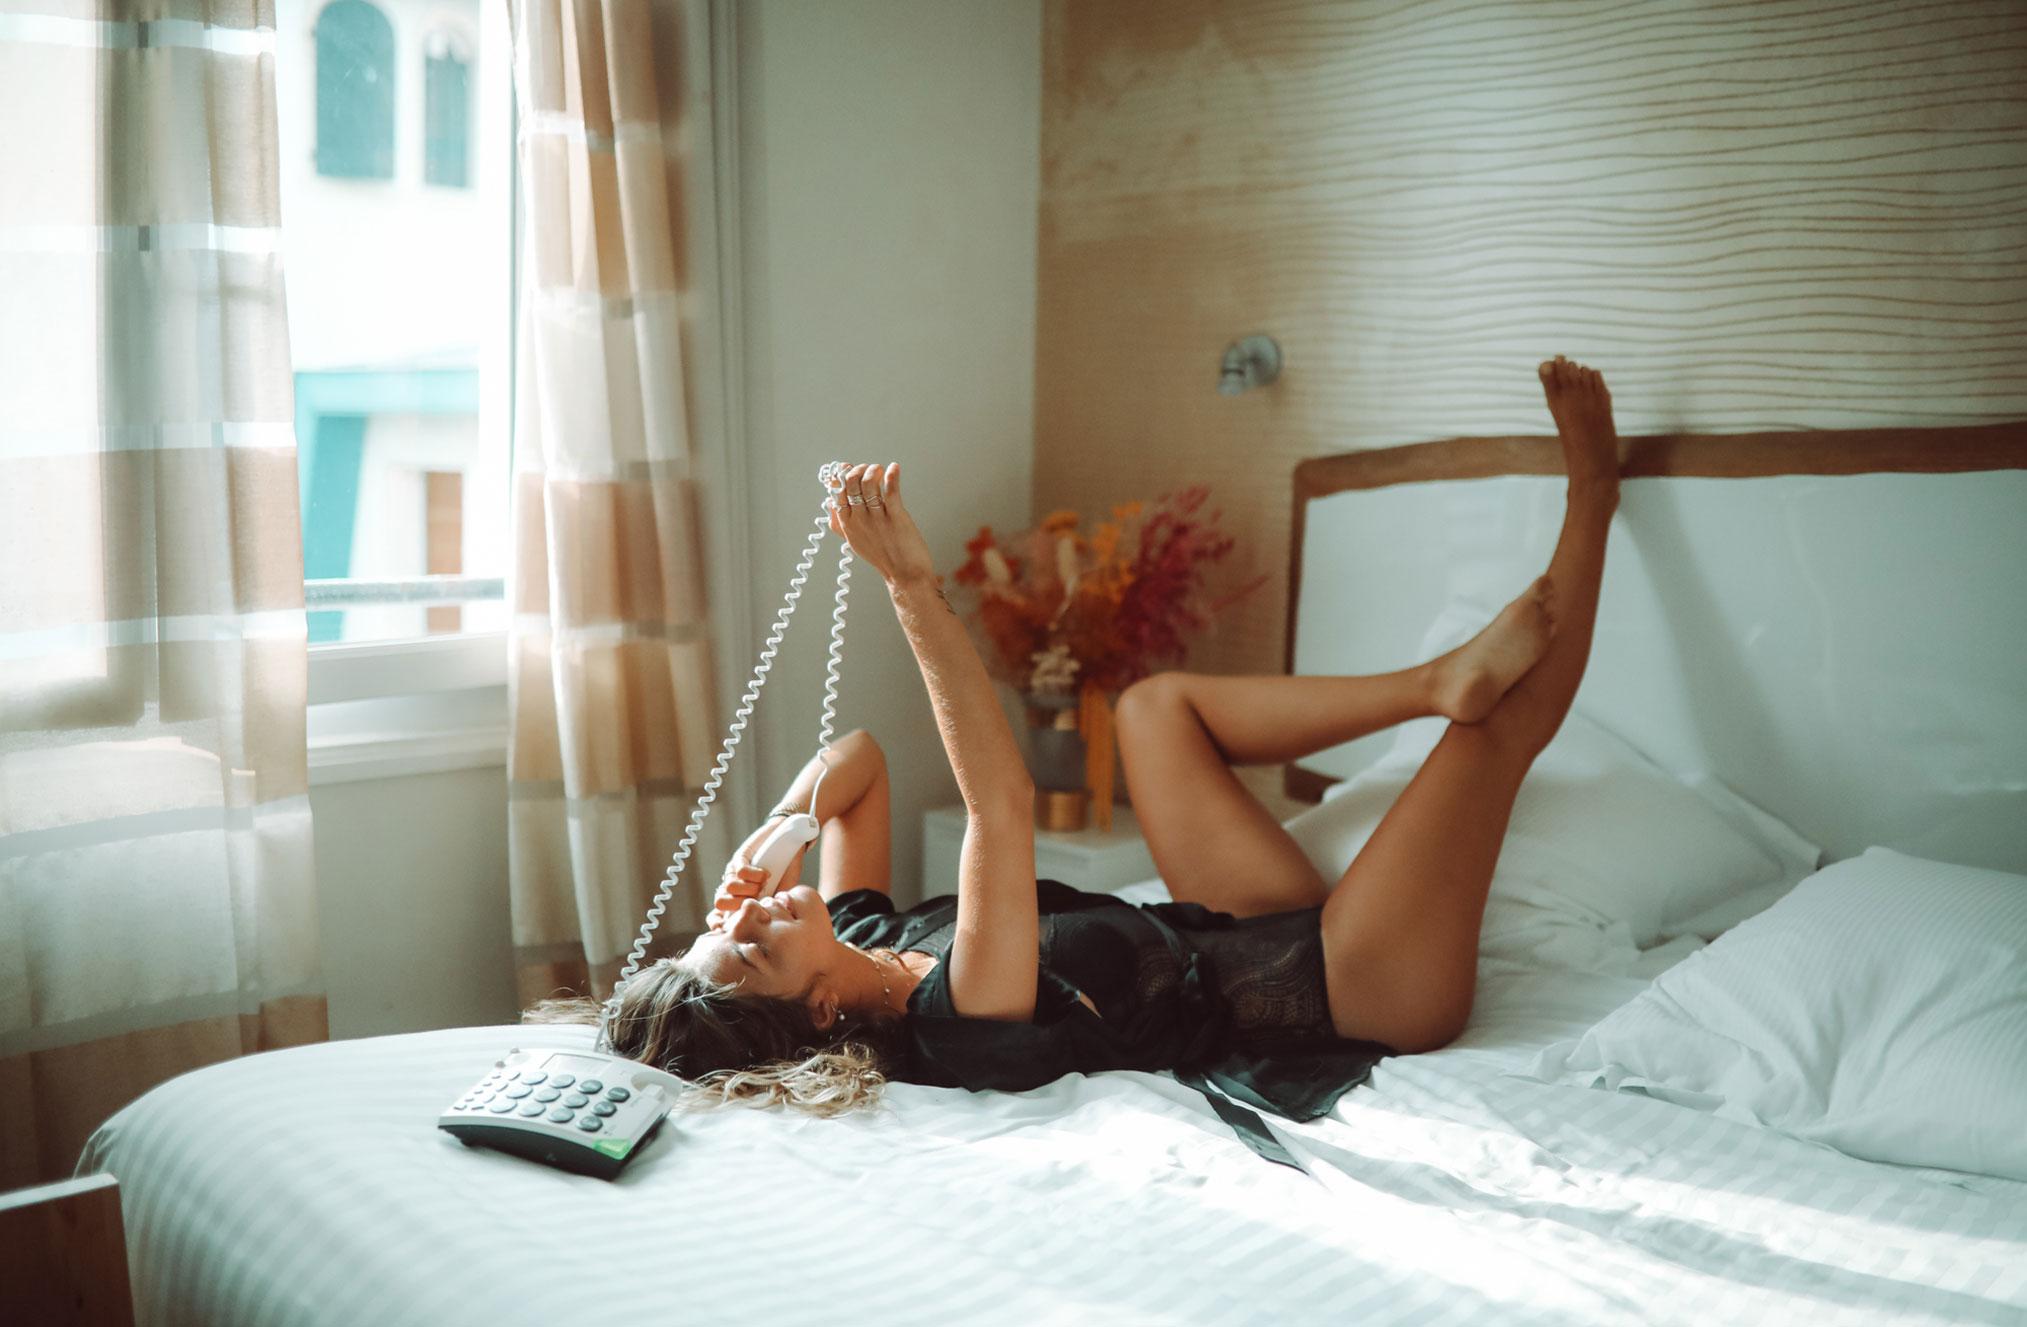 Ева Грейв в отеле Cosmopolitain в Биаррице / фото 02